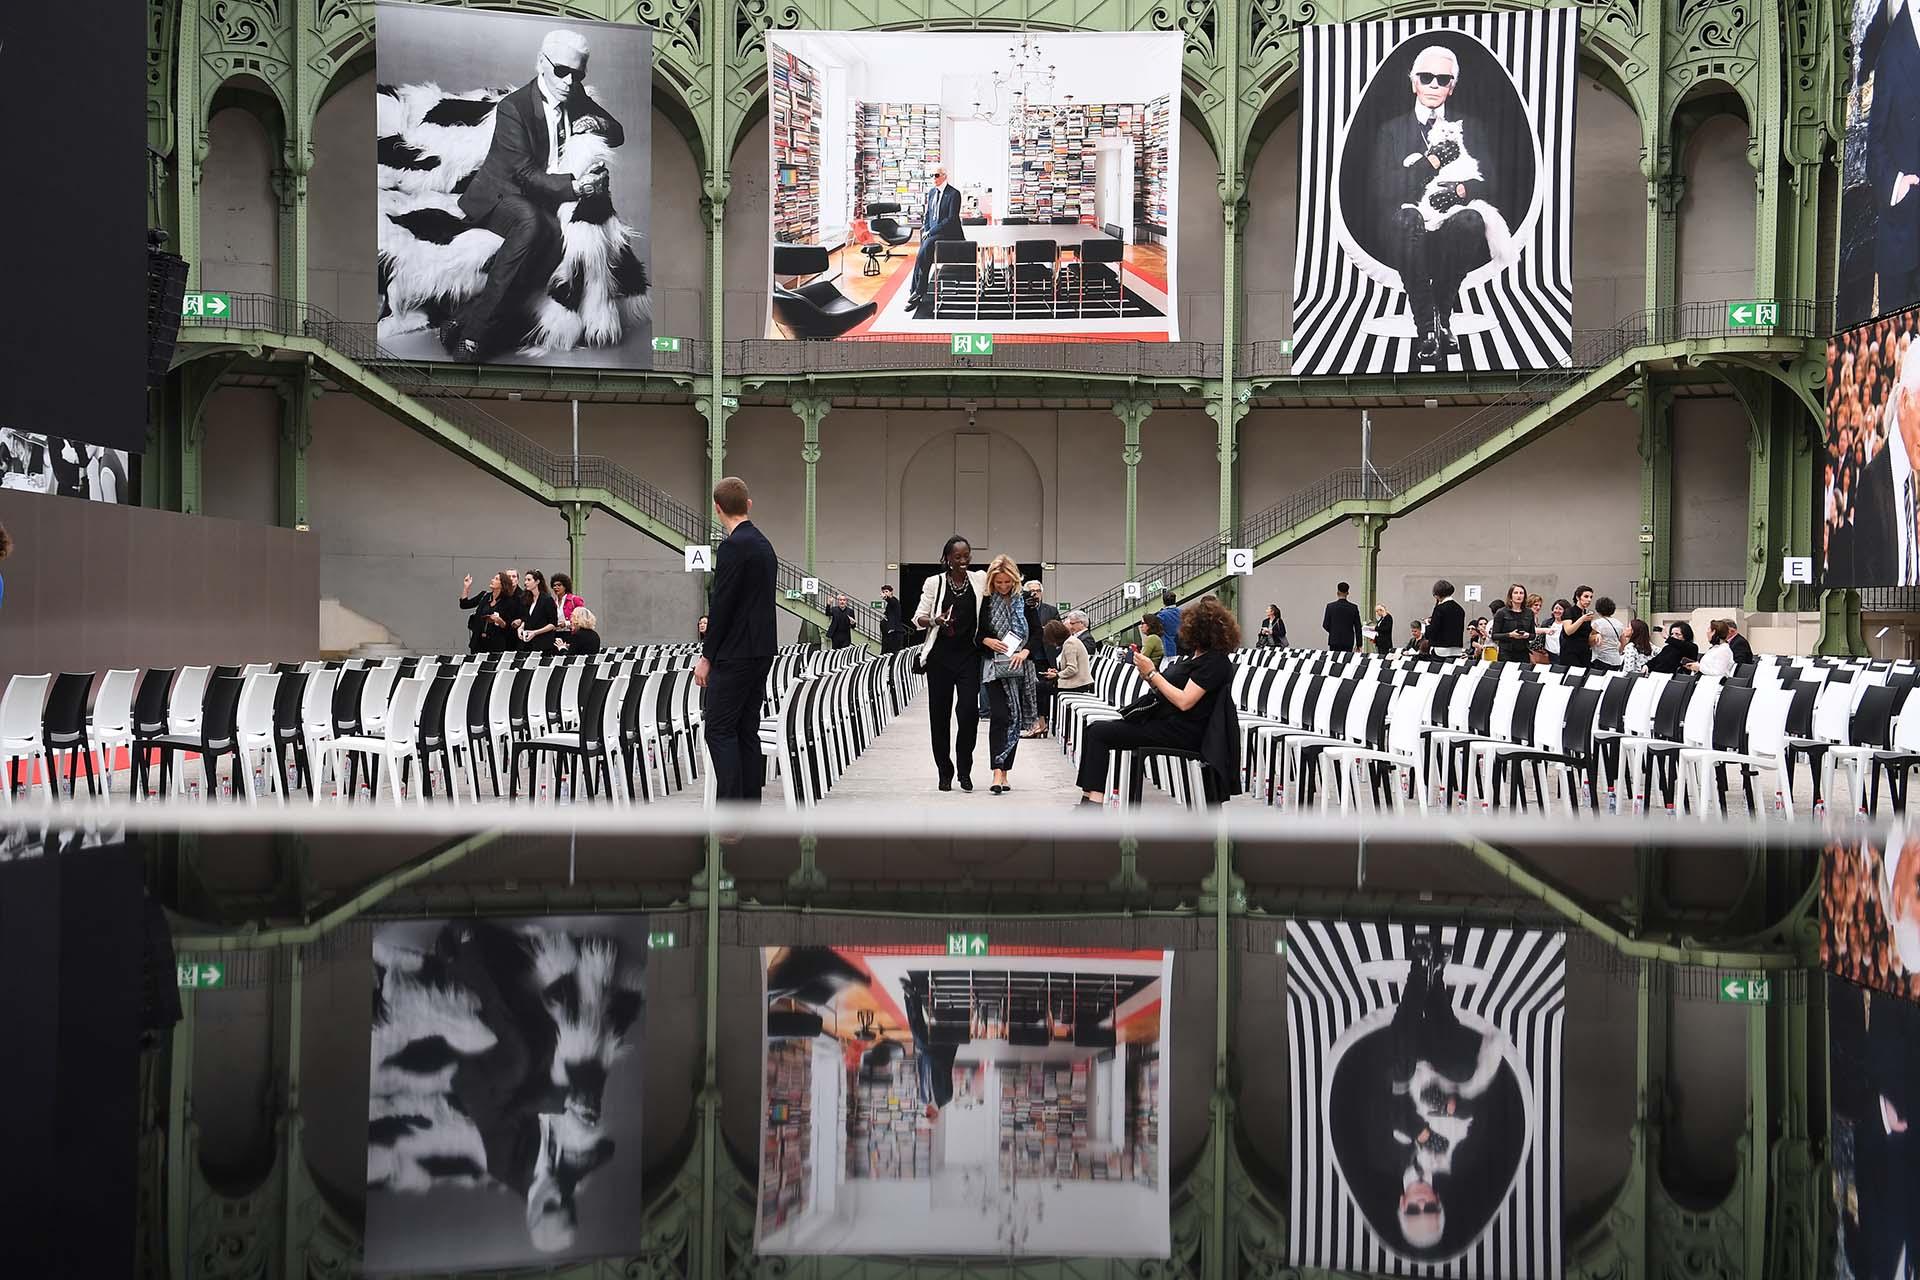 En el decorado del Grand Palais no faltó ningún detalle. Las sillas blancas y negras, los dos colores preferidos del káiser. En las columnas los mejores retratos de Lagerfeld durante los años como diseñador y director creativo de sus tres firmas, Karl Lagerfeld, Fendi y Chanel